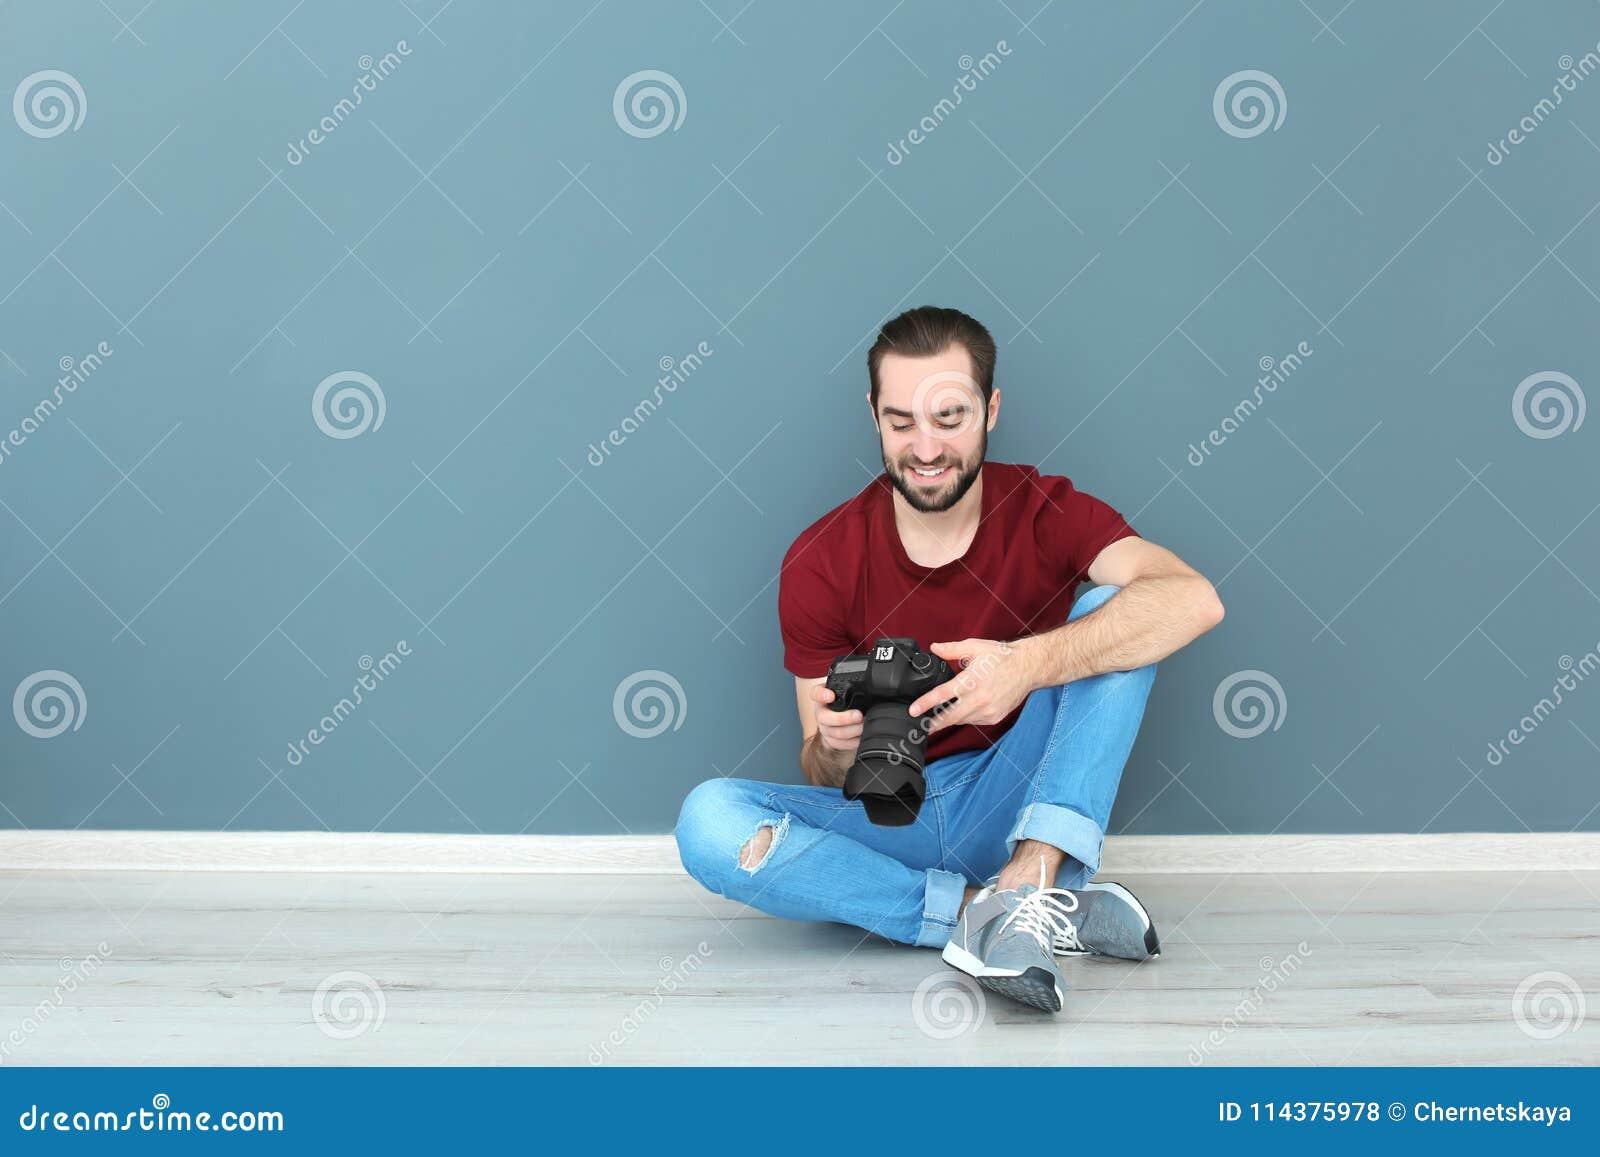 有专业照相机的年轻摄影师